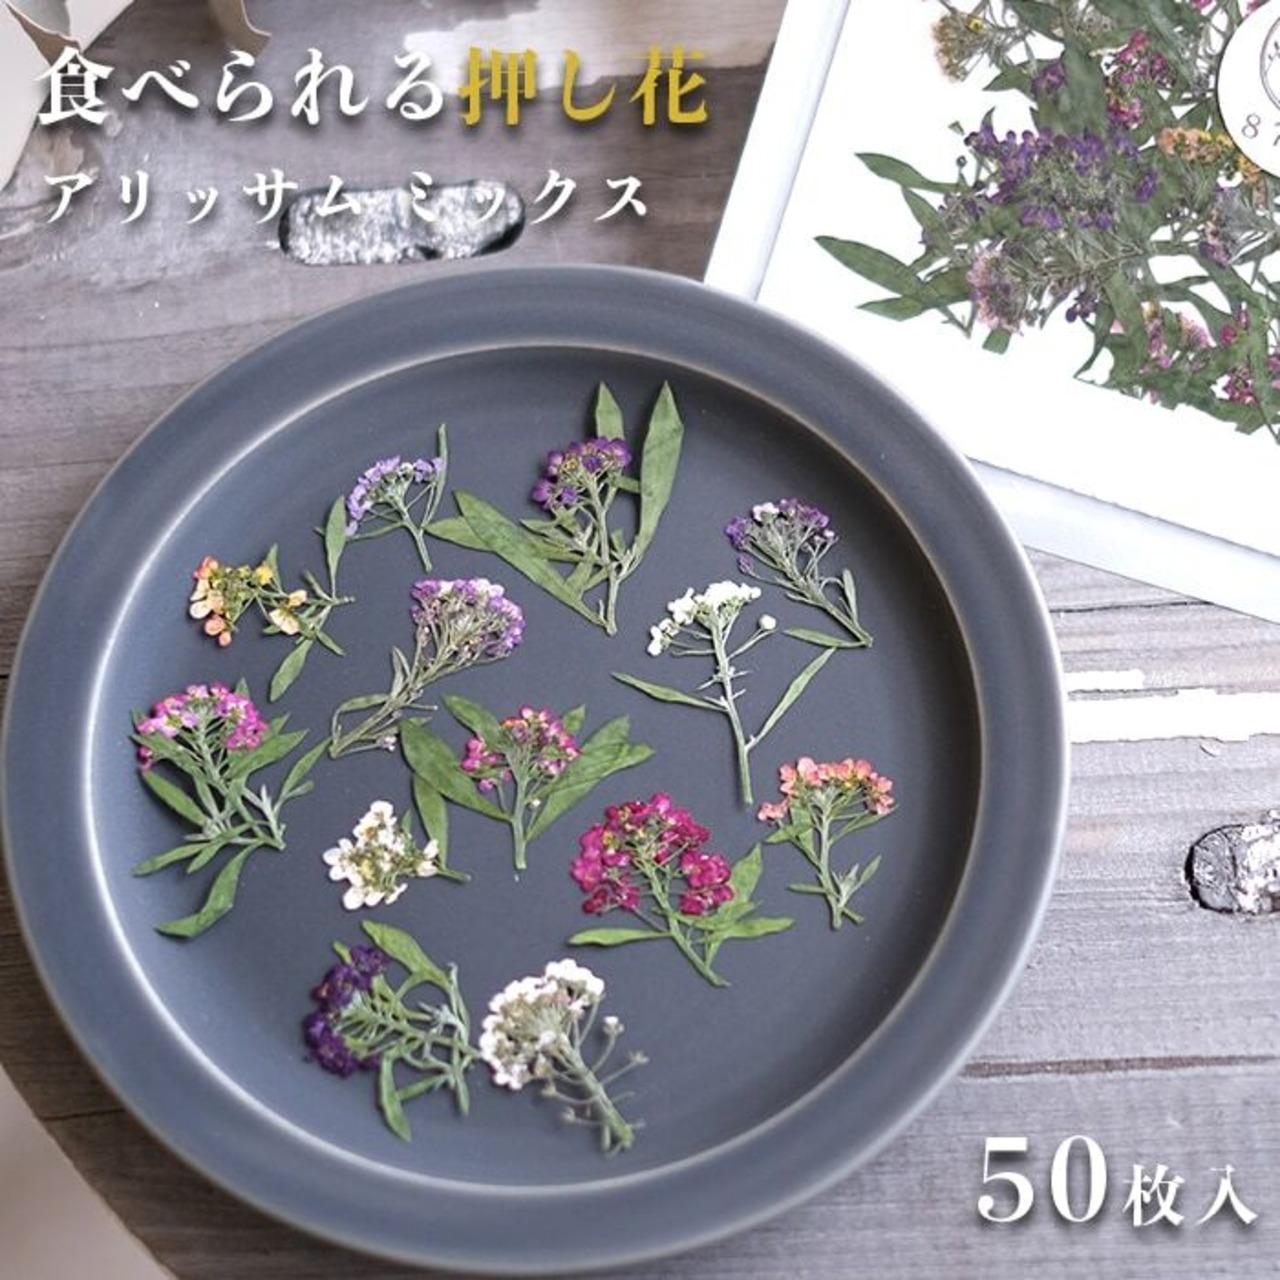 【87farm】食べられる押し花 50枚入(アリッサム ミックス)